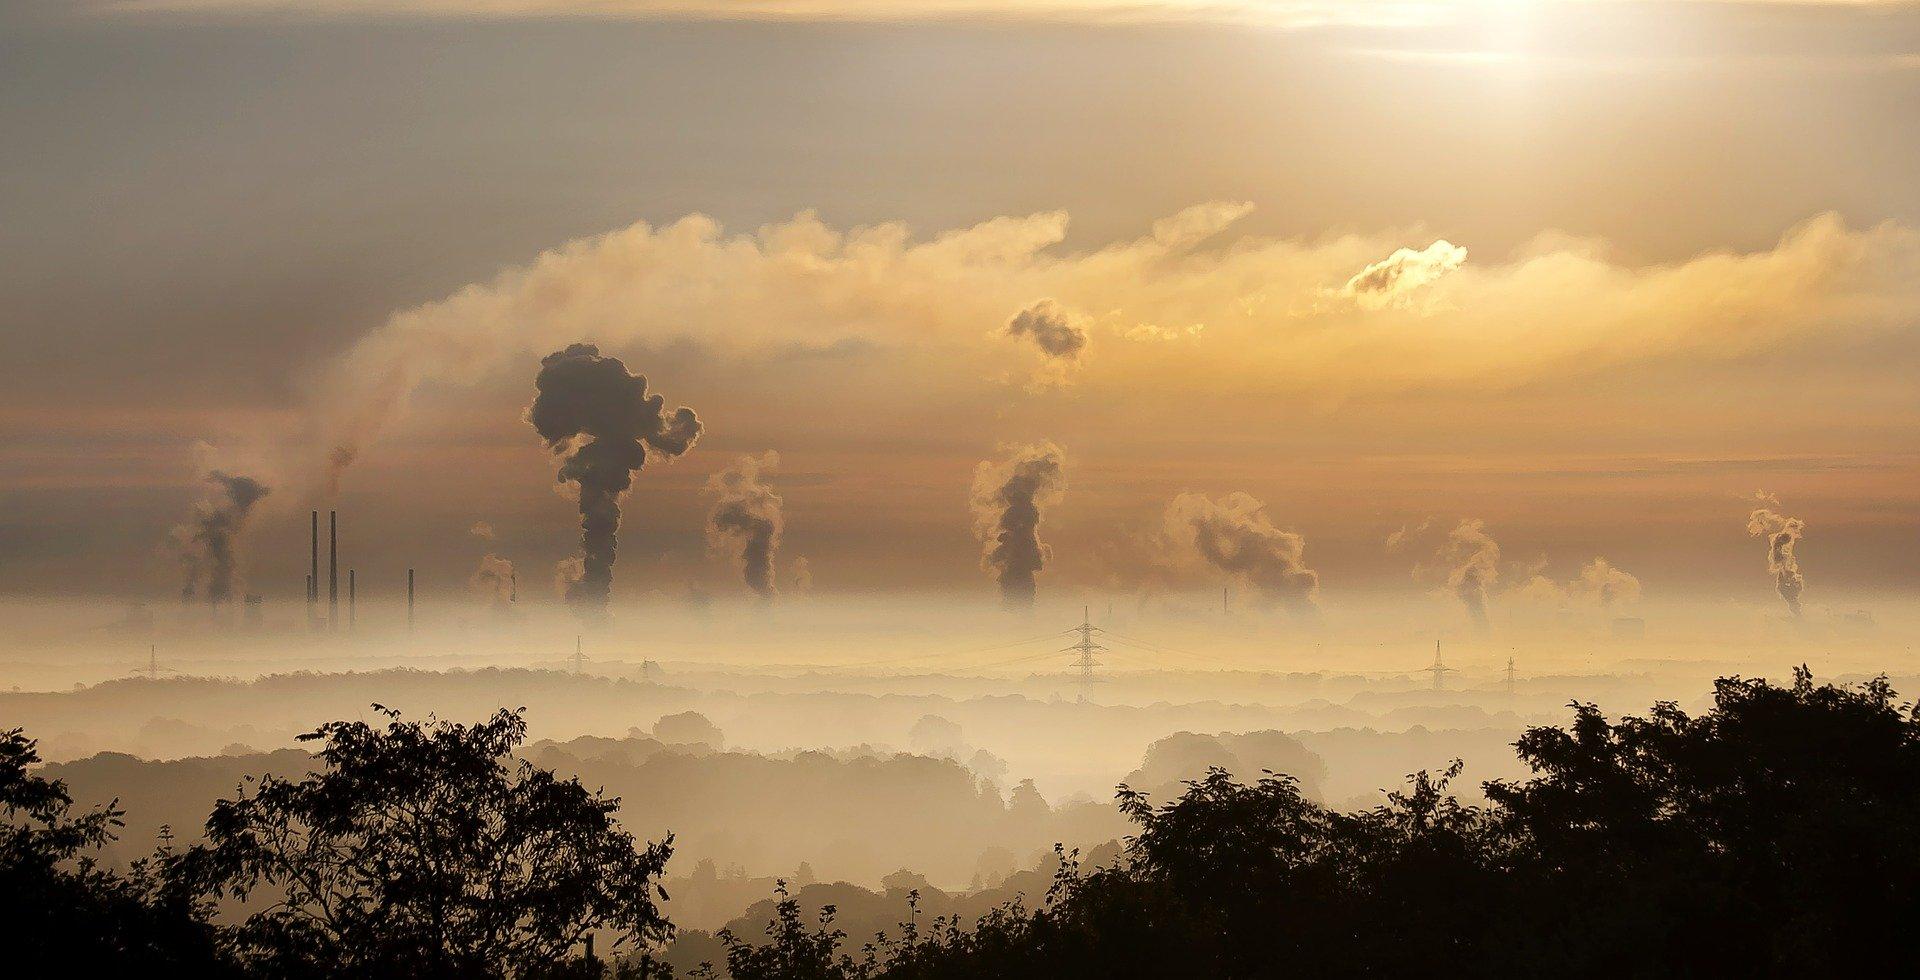 """Eurofer: «Decarbonizzare senza uccidere le aziende» – L'adeguamento delle """"frontiere del carbonio"""" in discussione al Parlamento europeo è fonte di grande preoccupazione"""